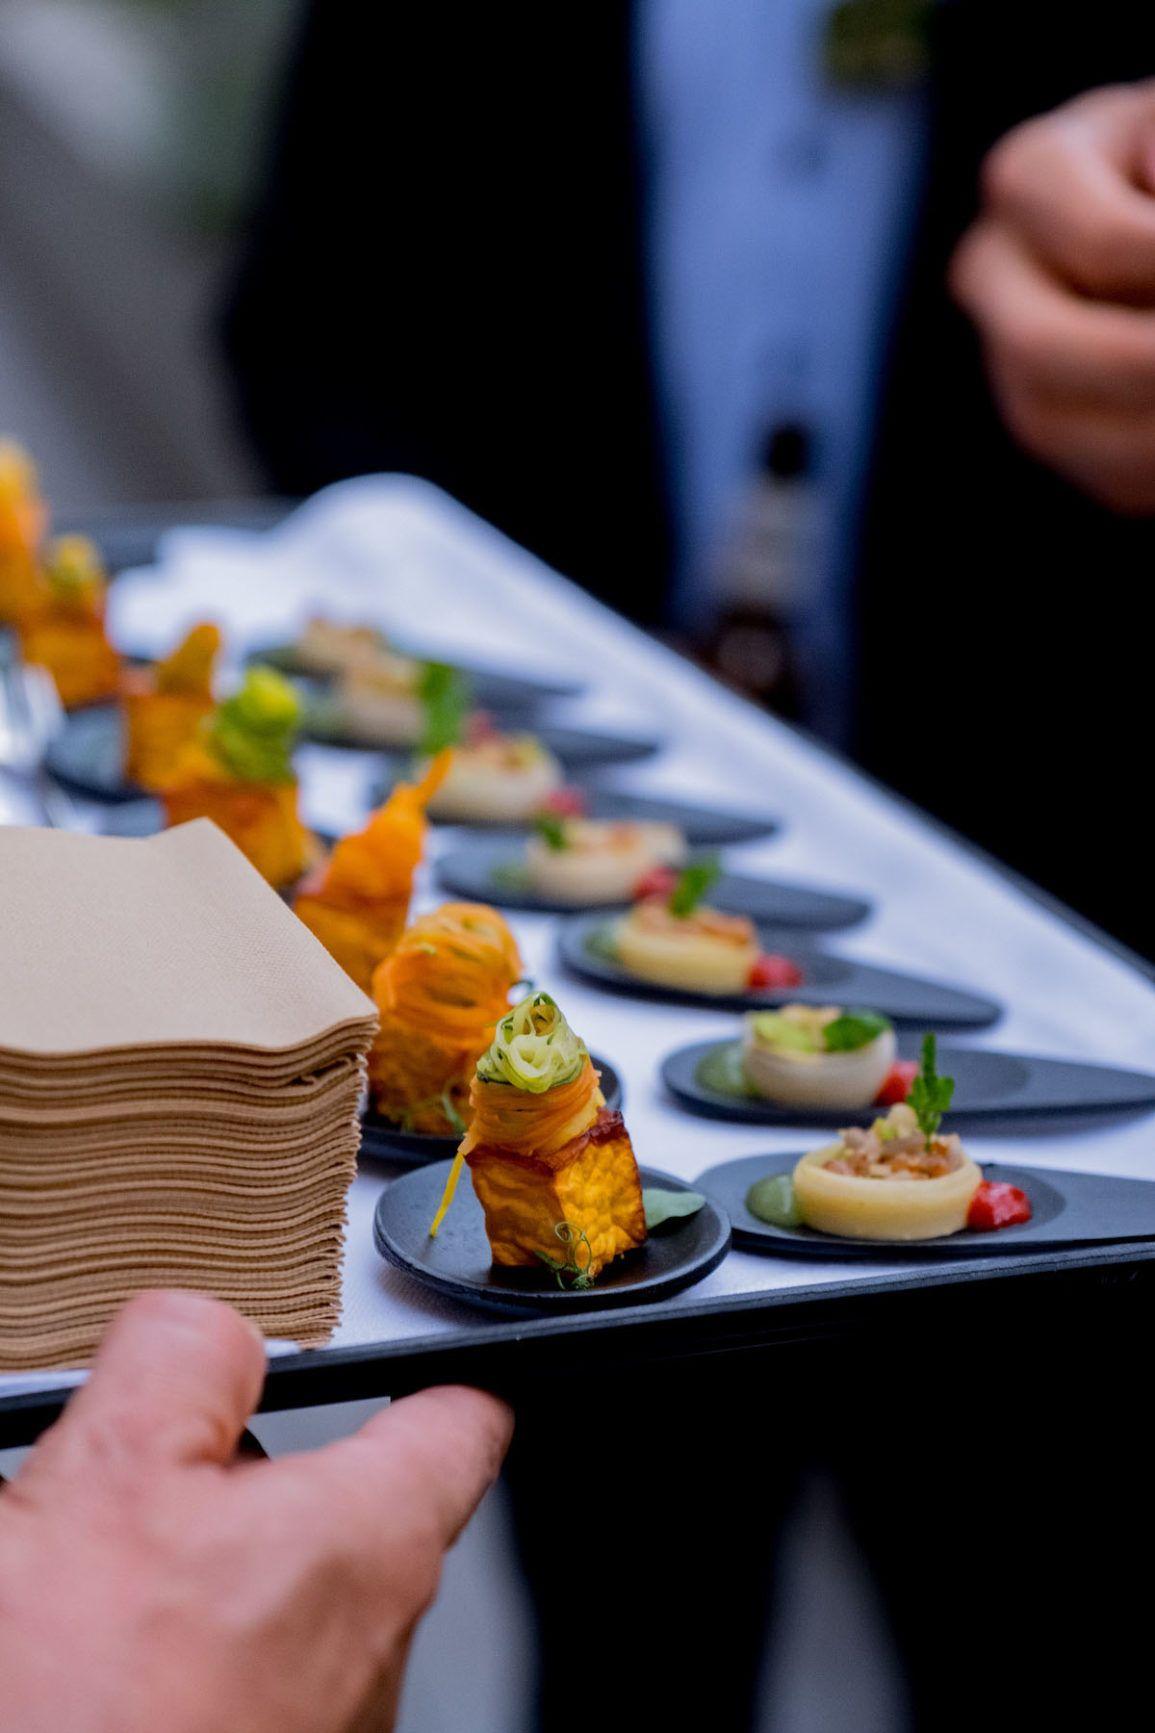 Foodblog, About Fuel, Leckerbissen, Scandic Hotel Frankfurt, Vorspeise, Pastinake